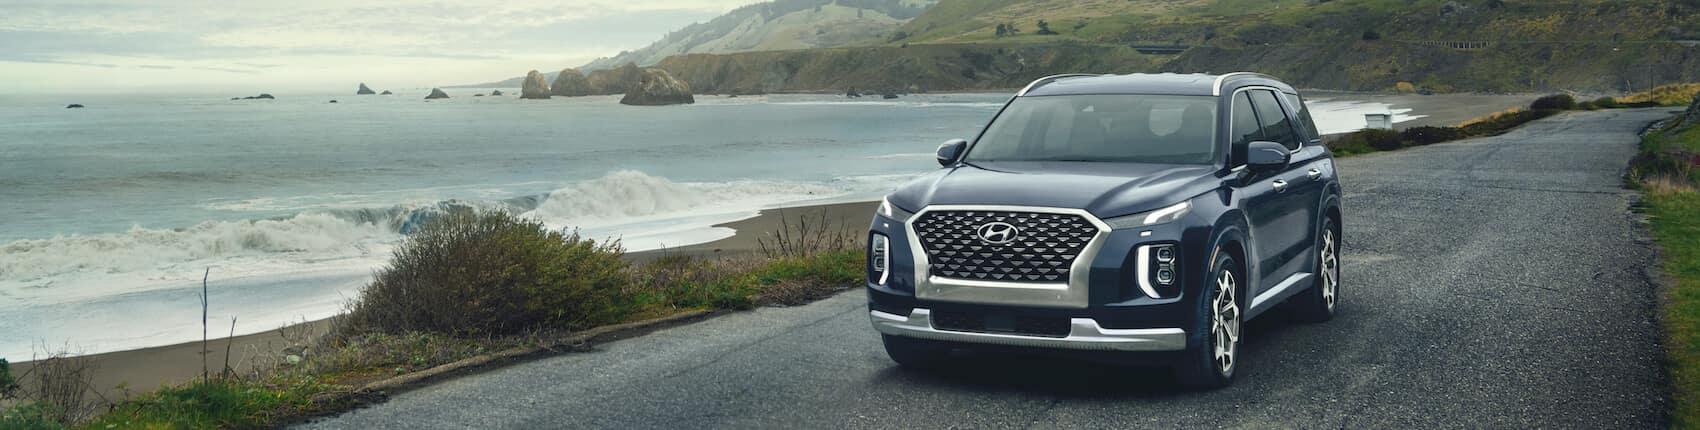 Hyundai Palisade Review